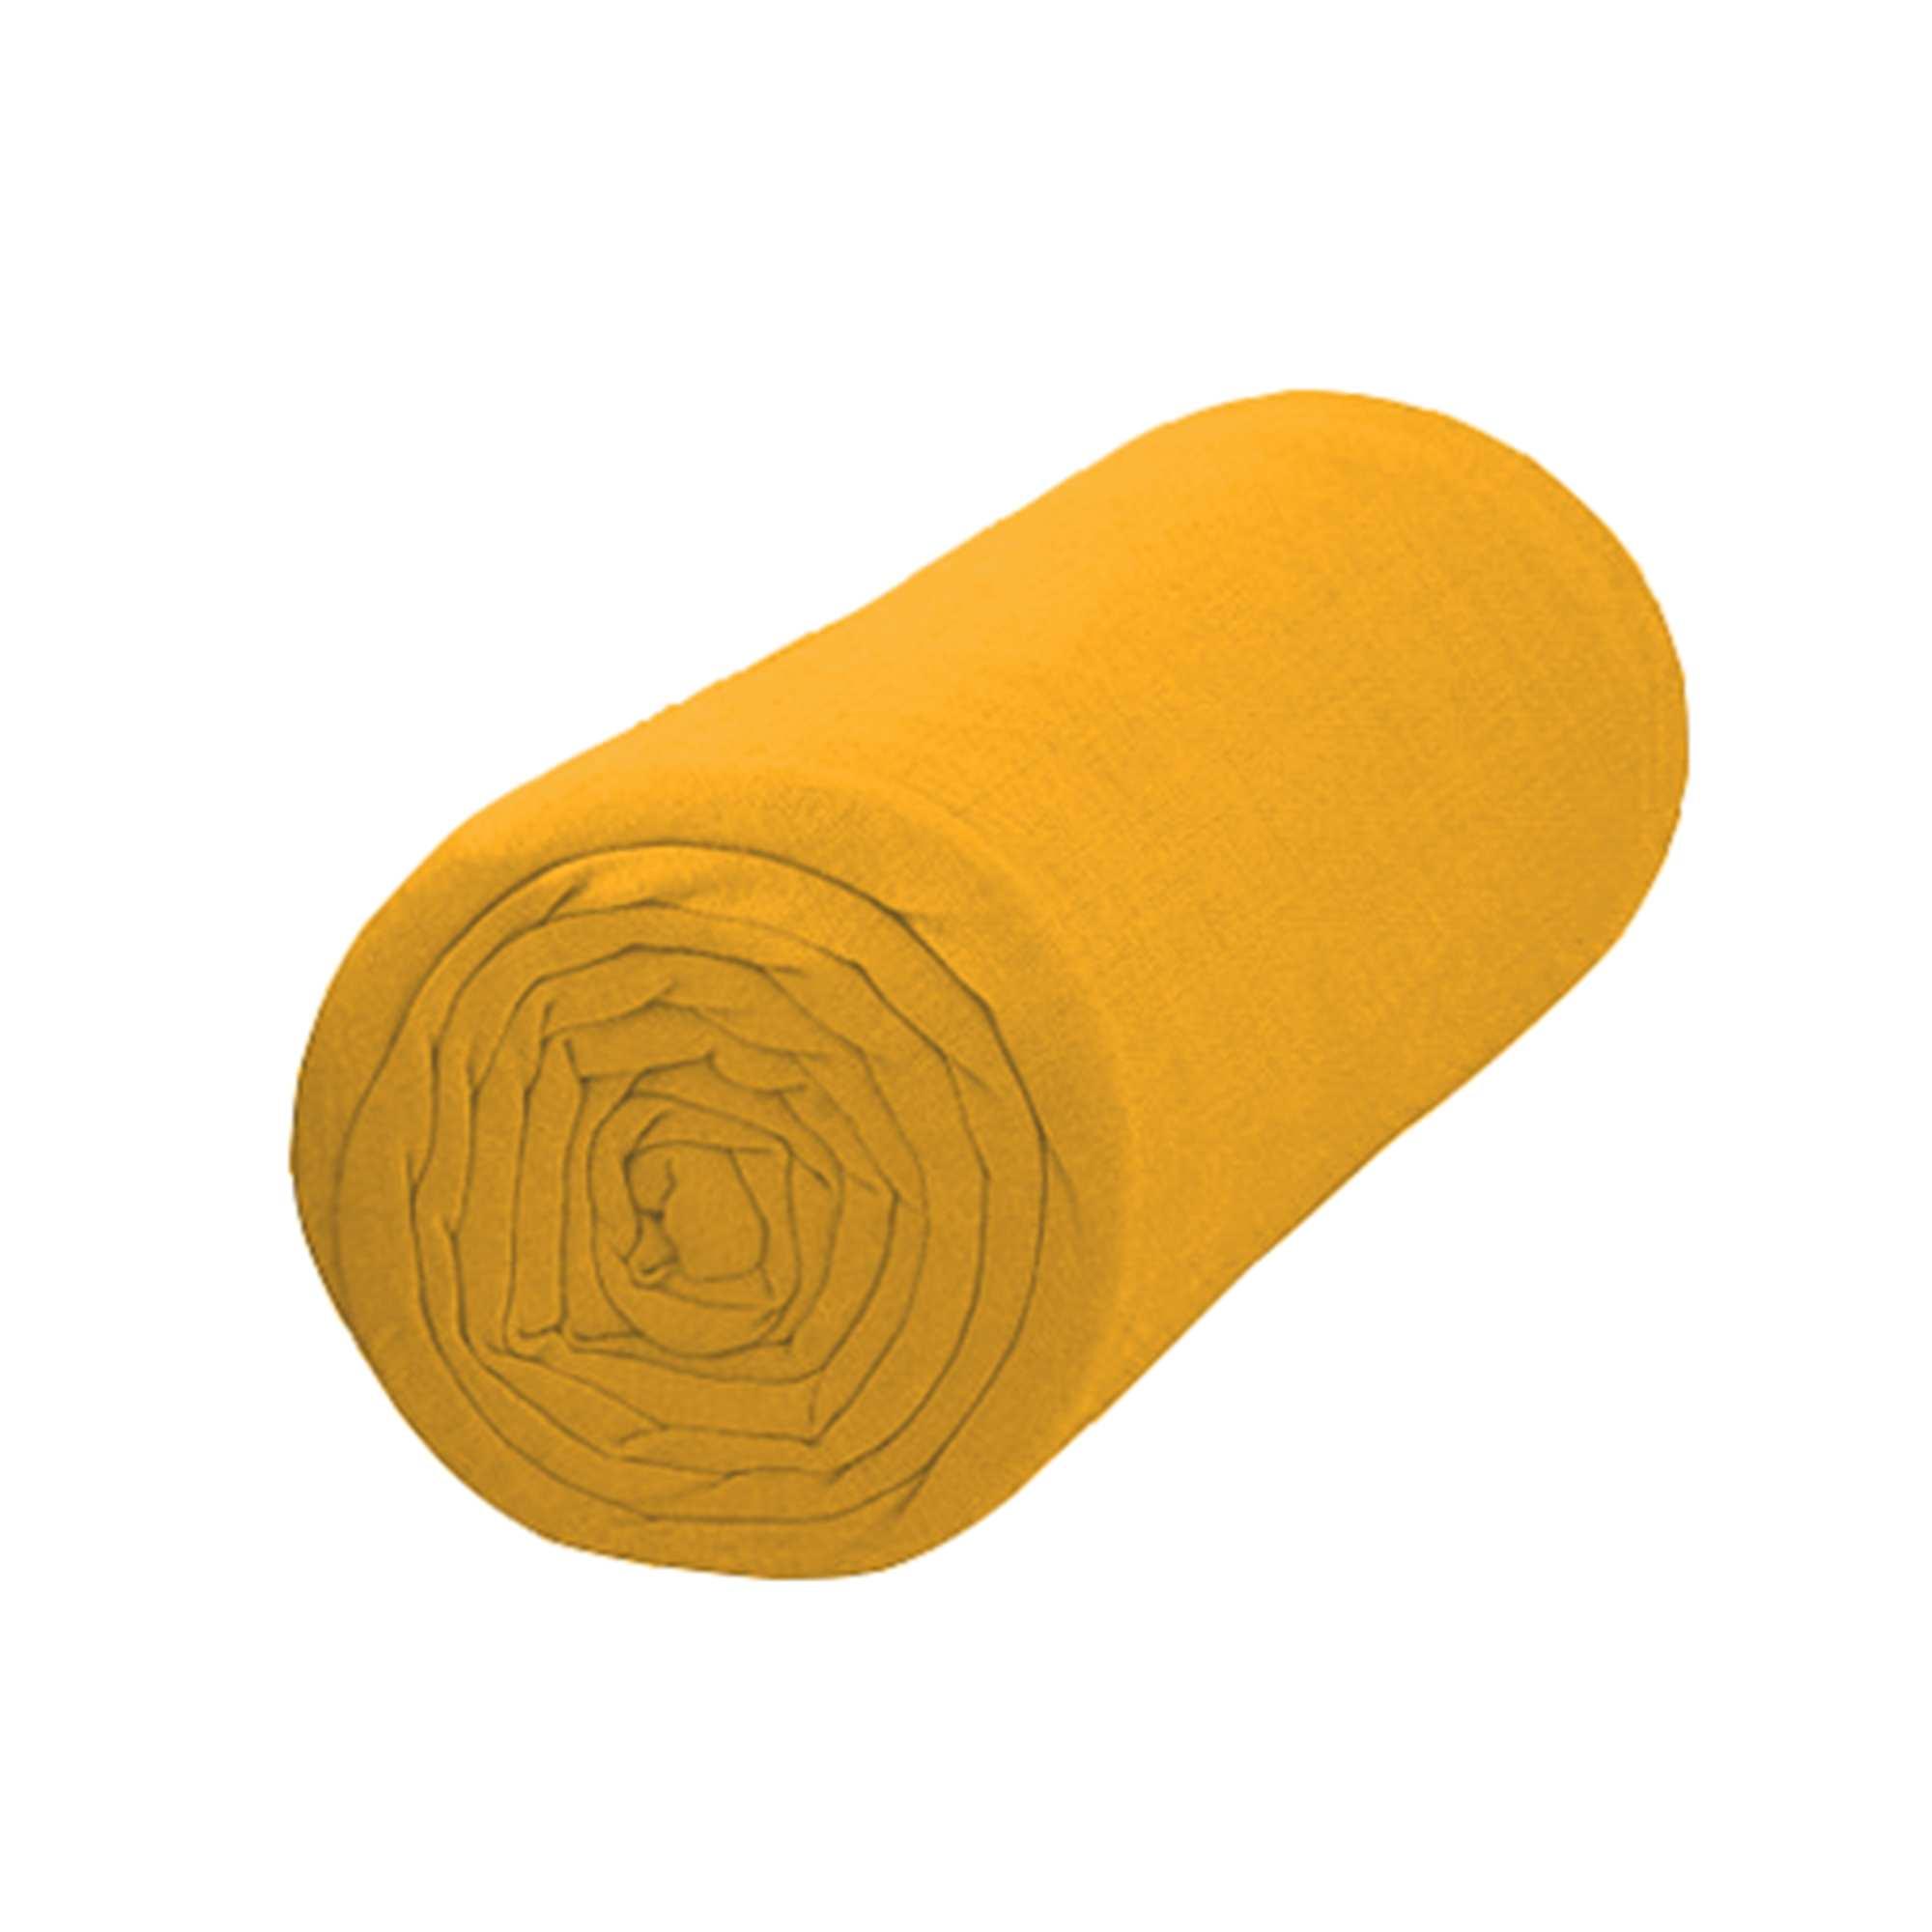 linge de lit drap housse Drap housse uni 90 x 200 Linge de lit   jaune moutarde   Kiabi  linge de lit drap housse